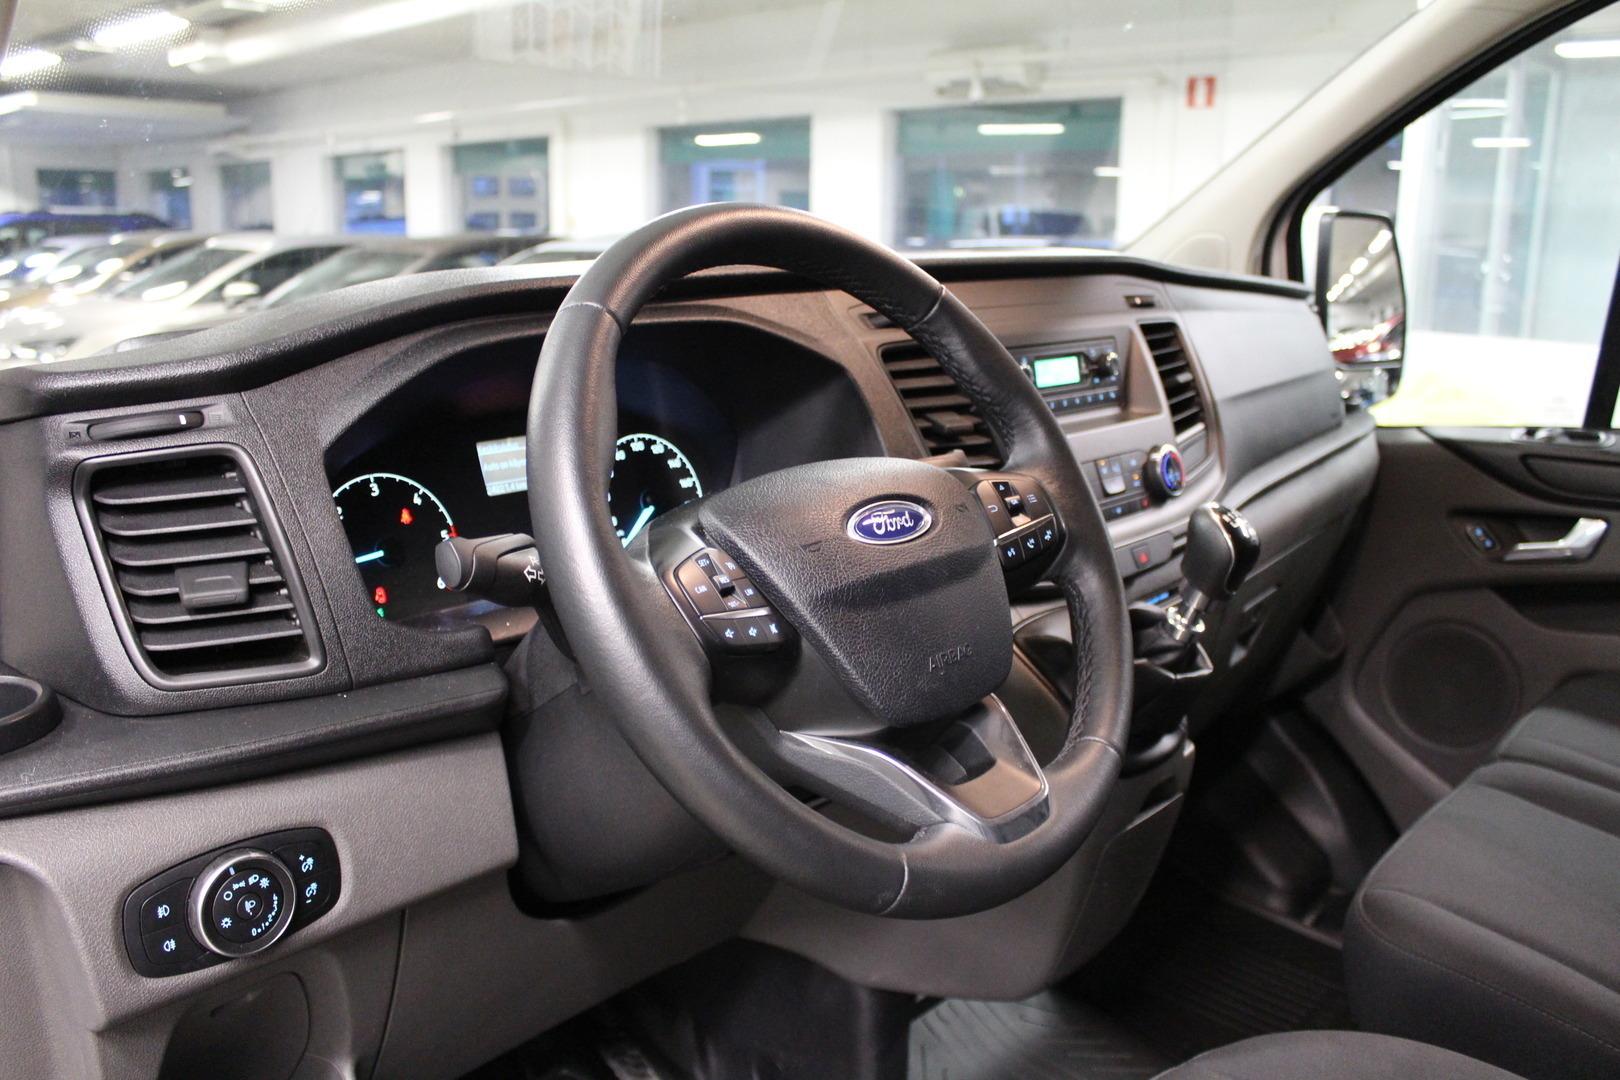 Ford Transit Custom, 310 2.0TDCi 130hv  L2H1 **Juuri Tullut** #Takuu #ALV Väh. Kelpoinen #Tutkat